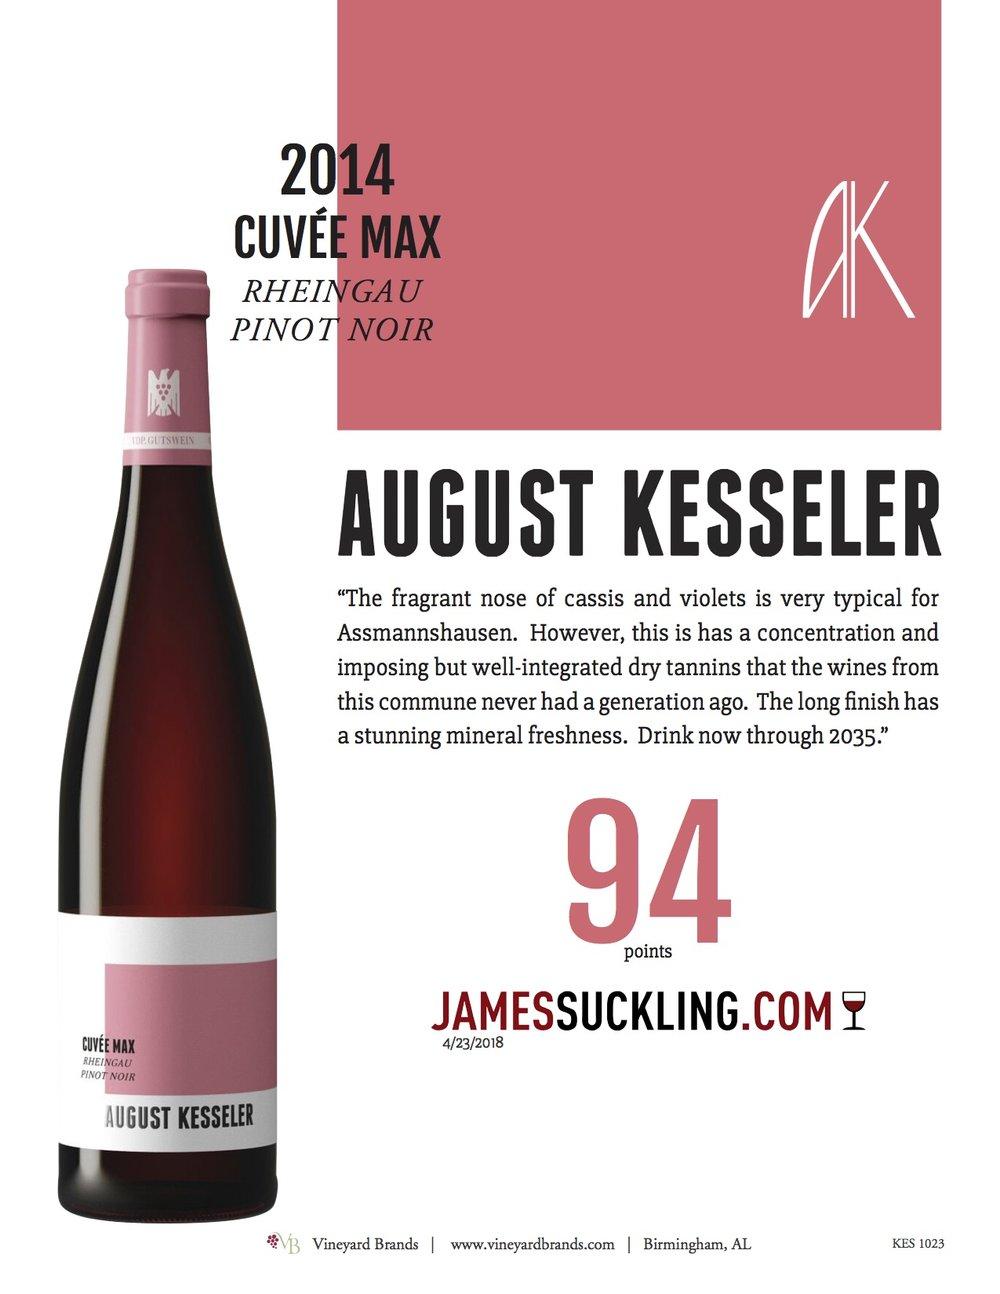 Kesseler Cuvee Max Pinot Noir 2014.jpg